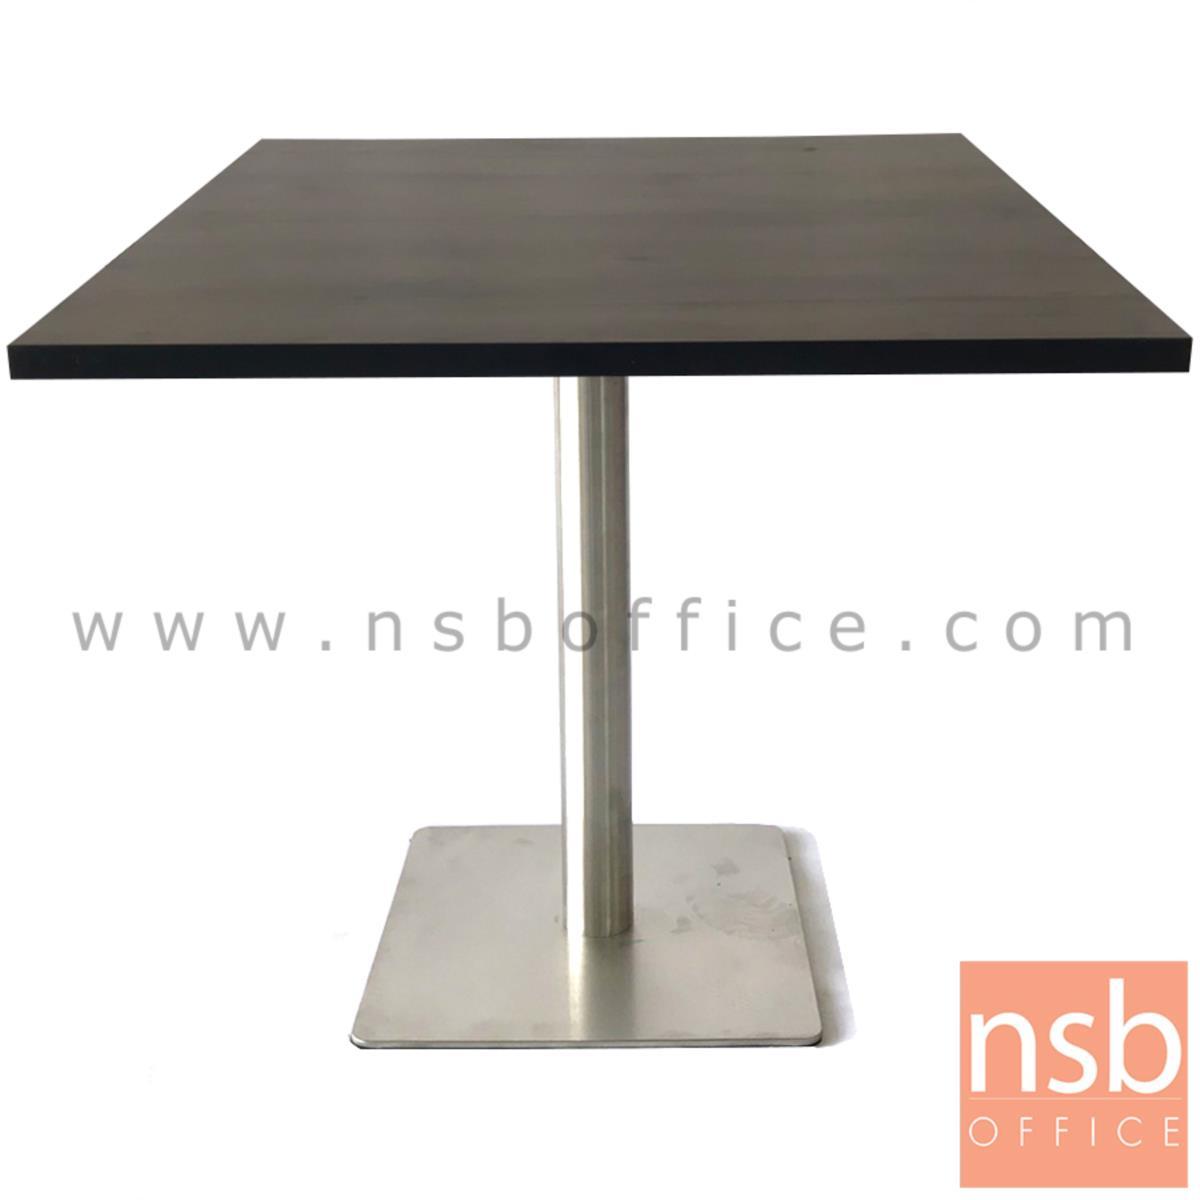 ขาโต๊ะบาร์จานสี่เหลี่ยมแผ่นเรียบ สเตนเลส hairliine